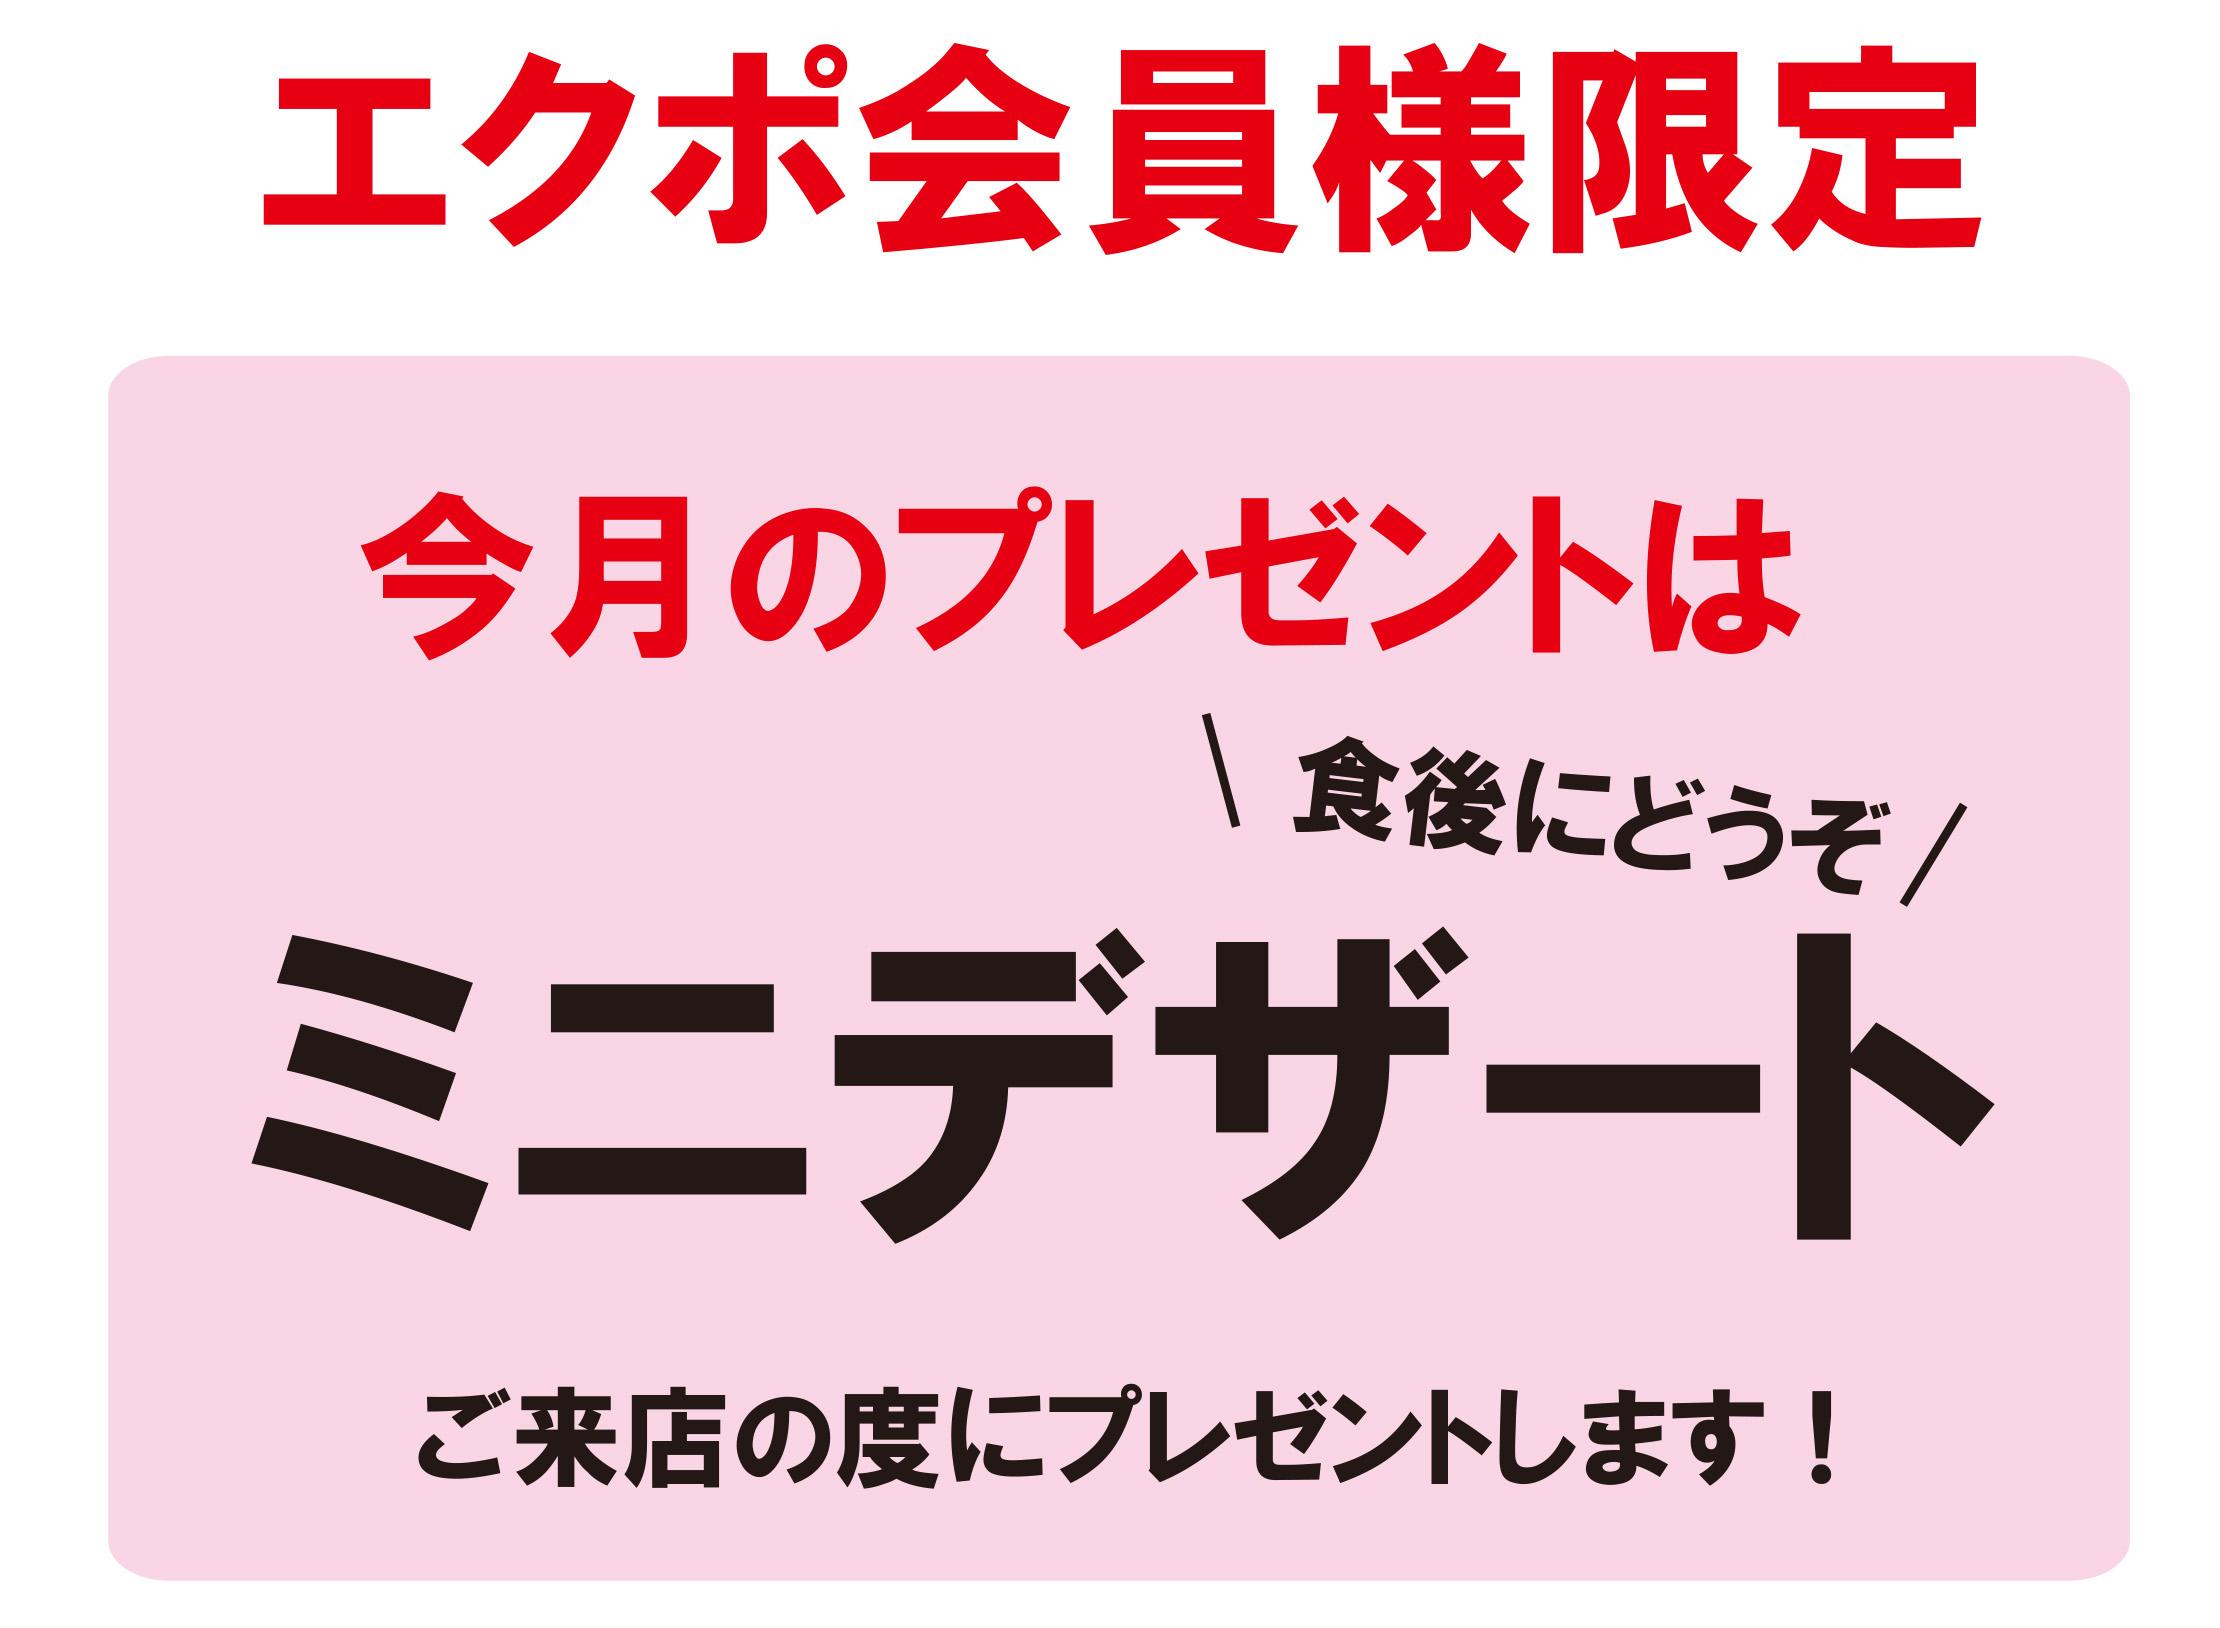 【毎月エクポでラッキー♪】<3月>ミニデザートプレゼント!